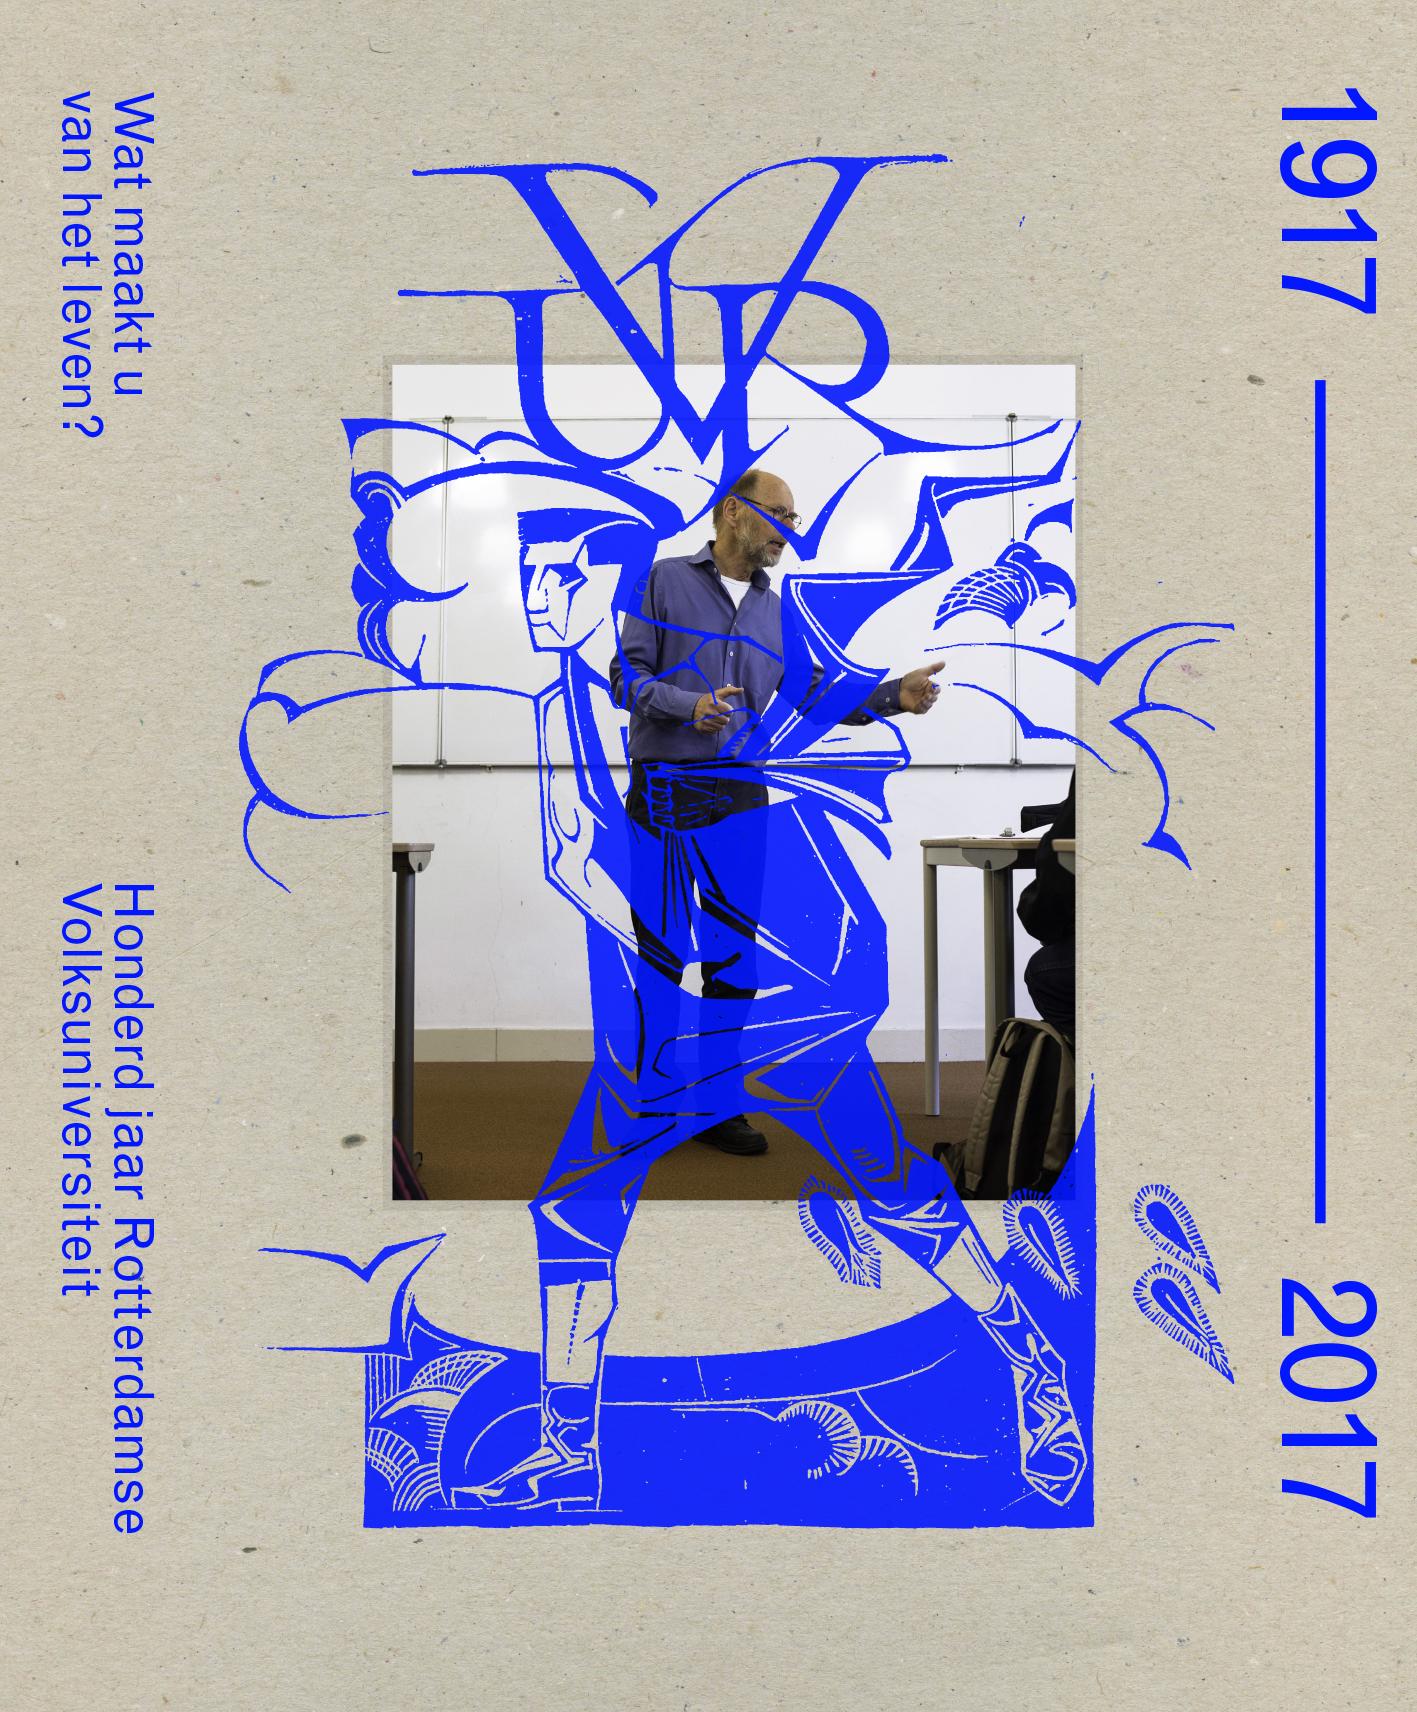 Uitgeverij Diafragma - volksuniversiteit, rotterdam, sanneke van Hassel, carel van hees, uitgeverij diafragma, Wat maakt u van het leven, Honderd jaar Rotterdamse Volksuniversiteit, leven lang leren